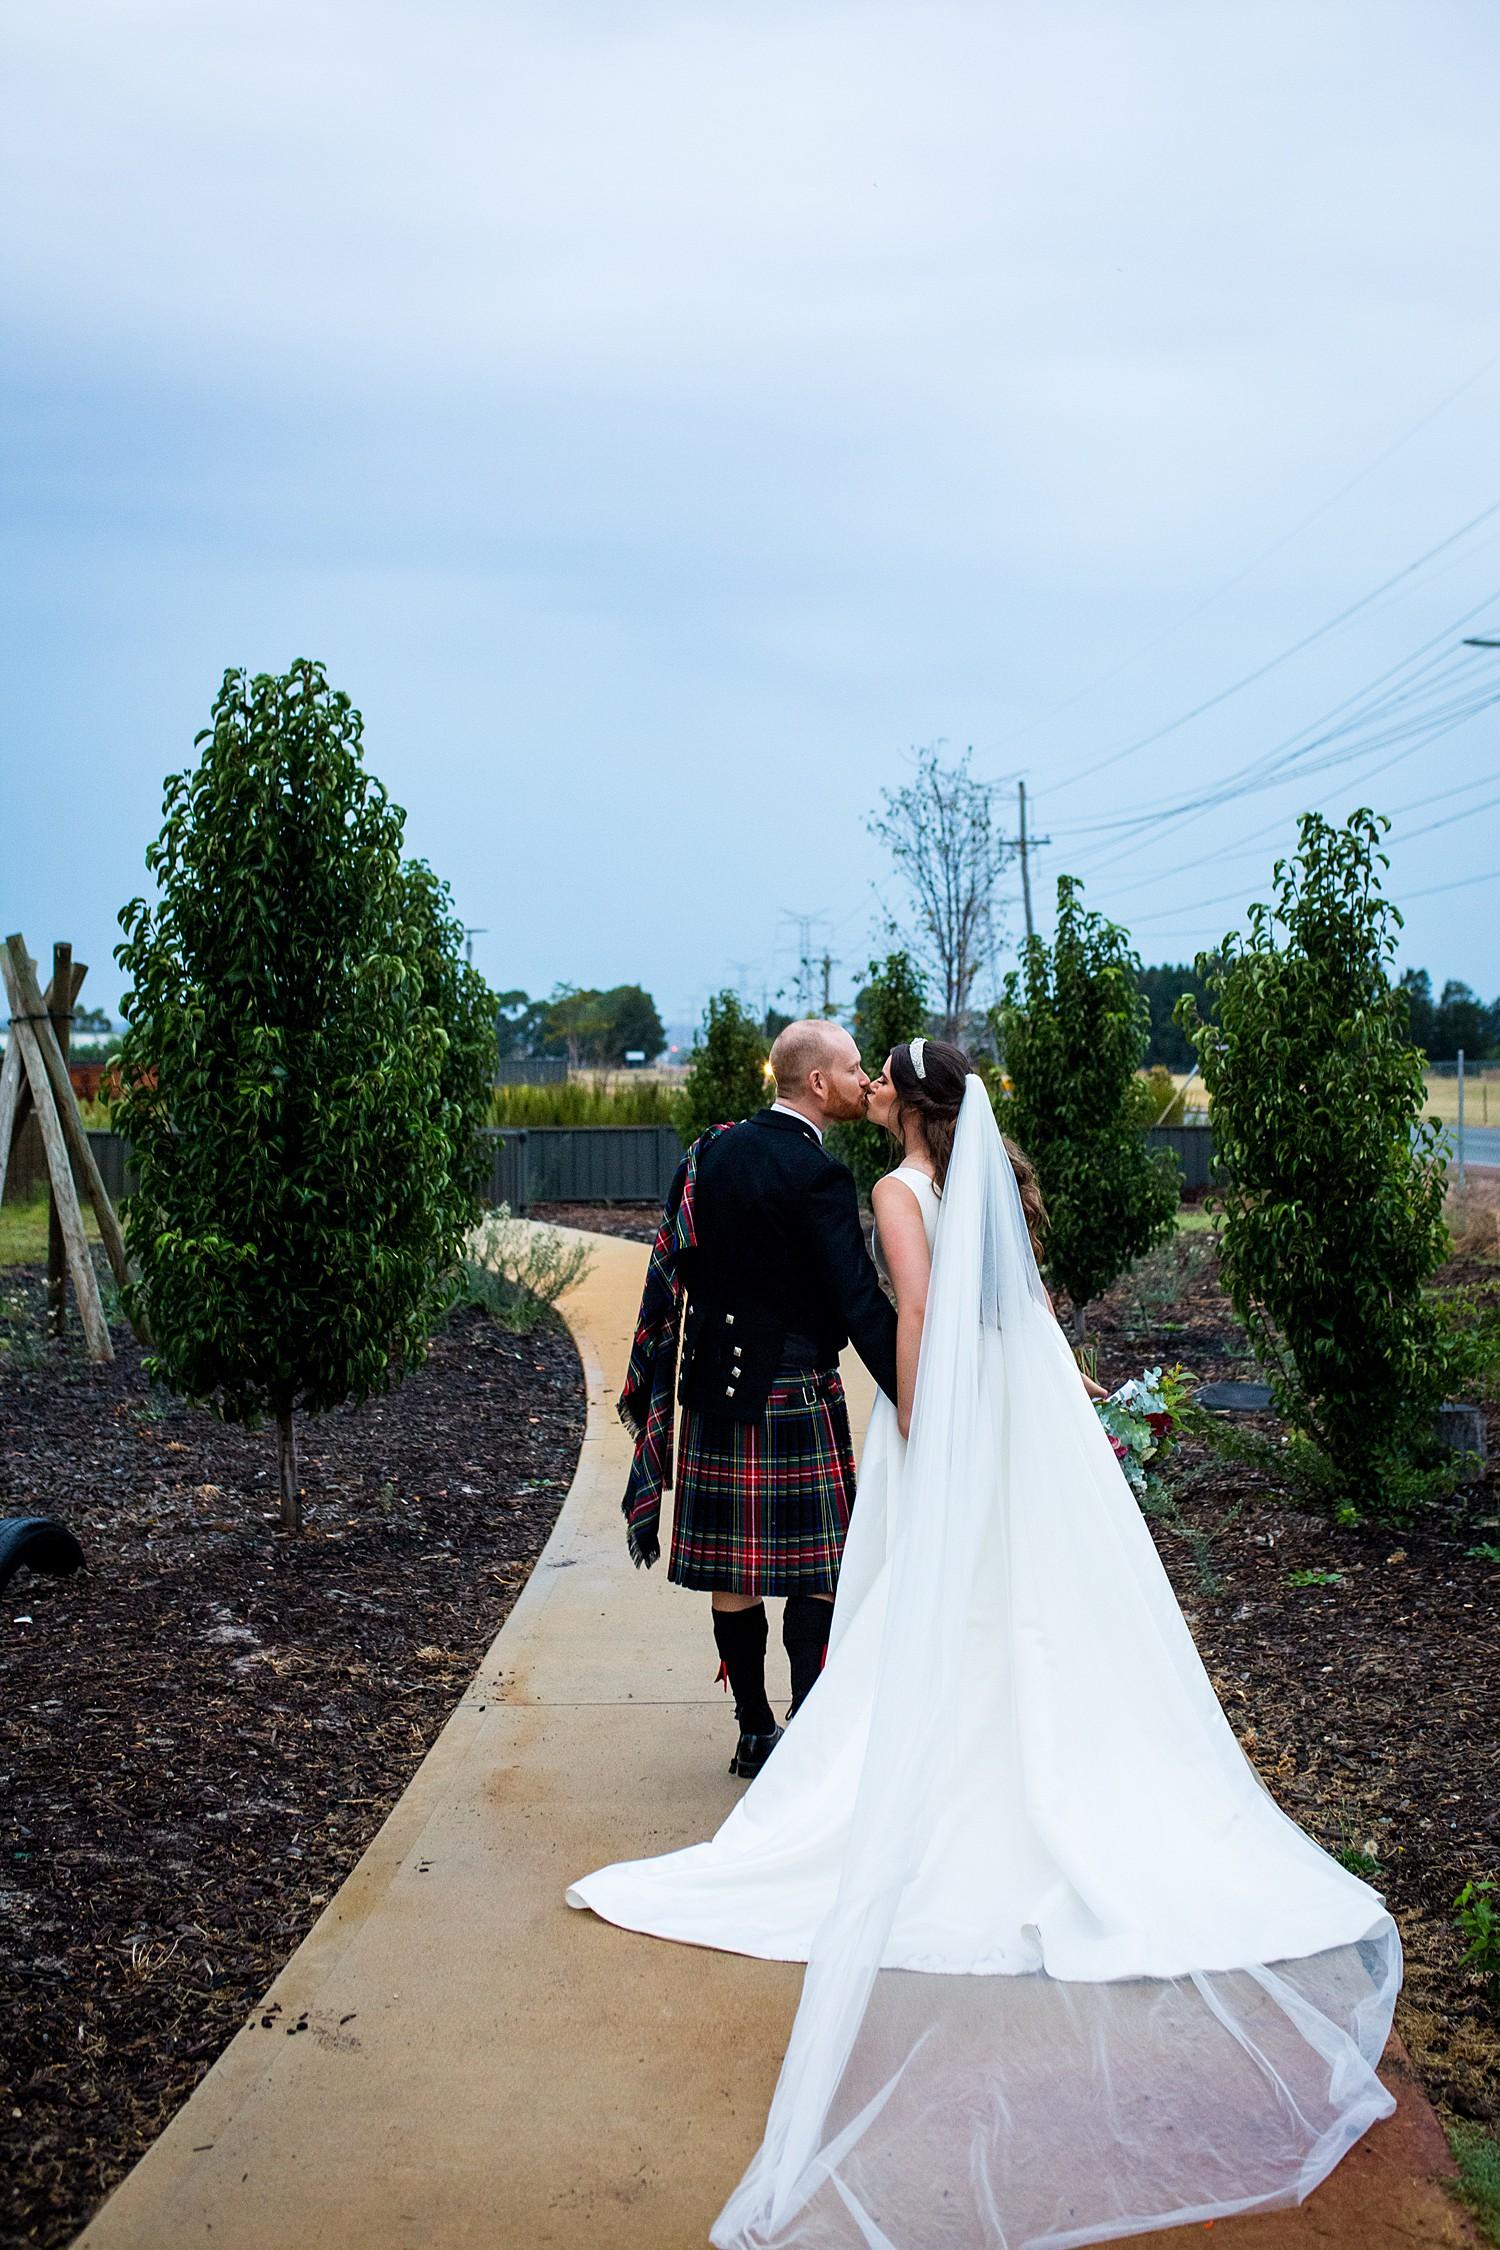 perth_swan_valley_scottish_rainy_wedding_0101.jpg